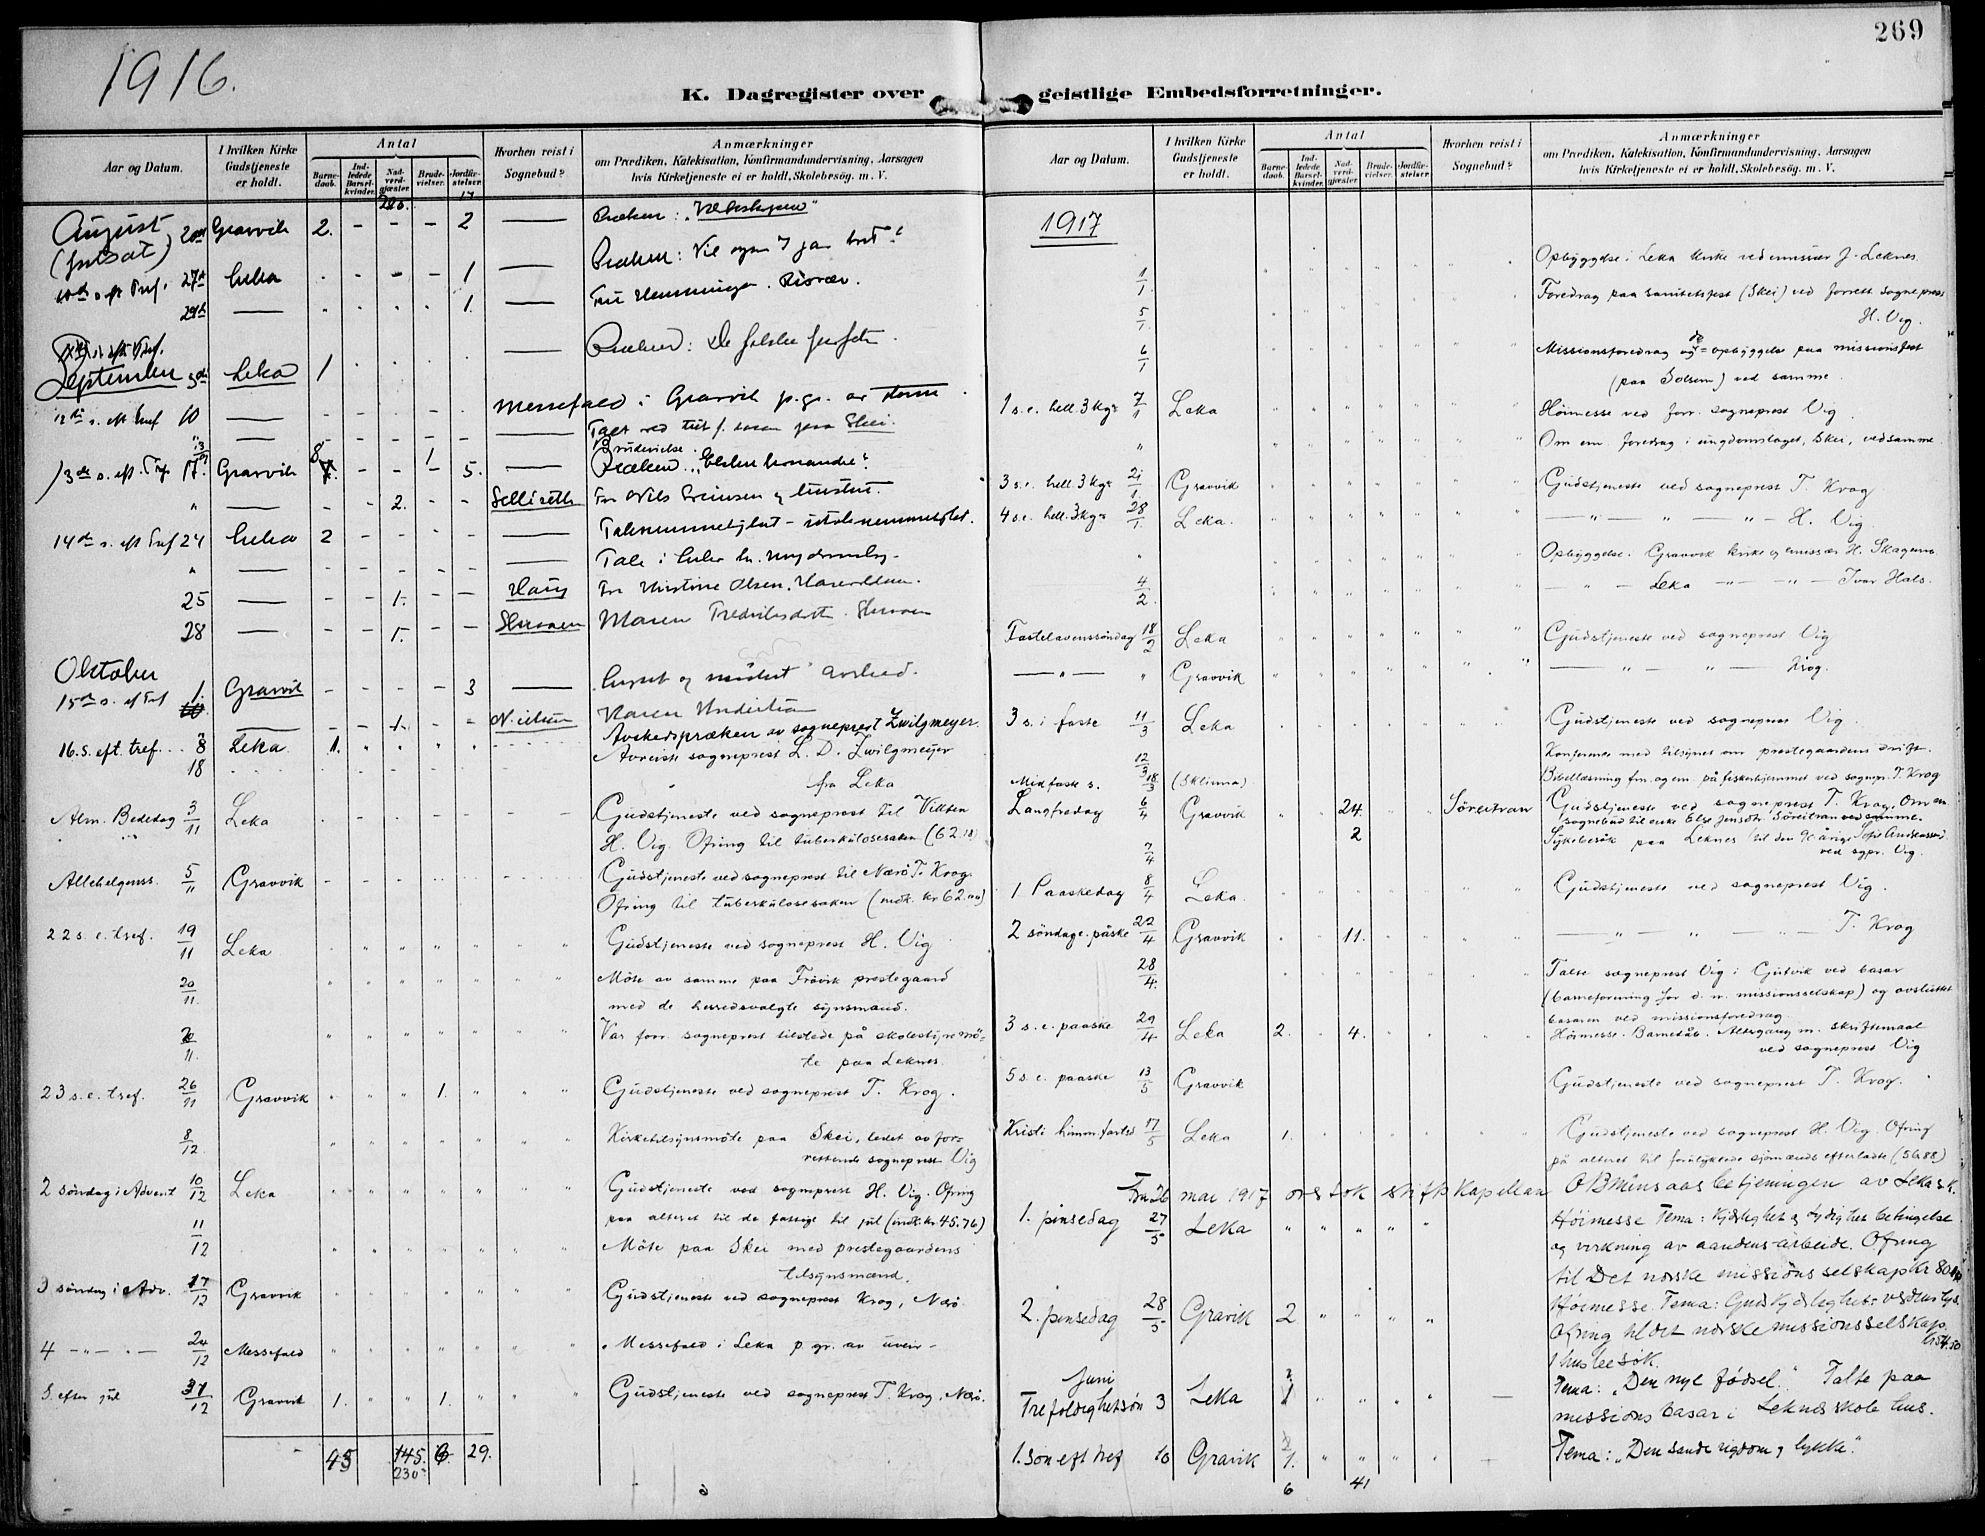 SAT, Ministerialprotokoller, klokkerbøker og fødselsregistre - Nord-Trøndelag, 788/L0698: Ministerialbok nr. 788A05, 1902-1921, s. 269